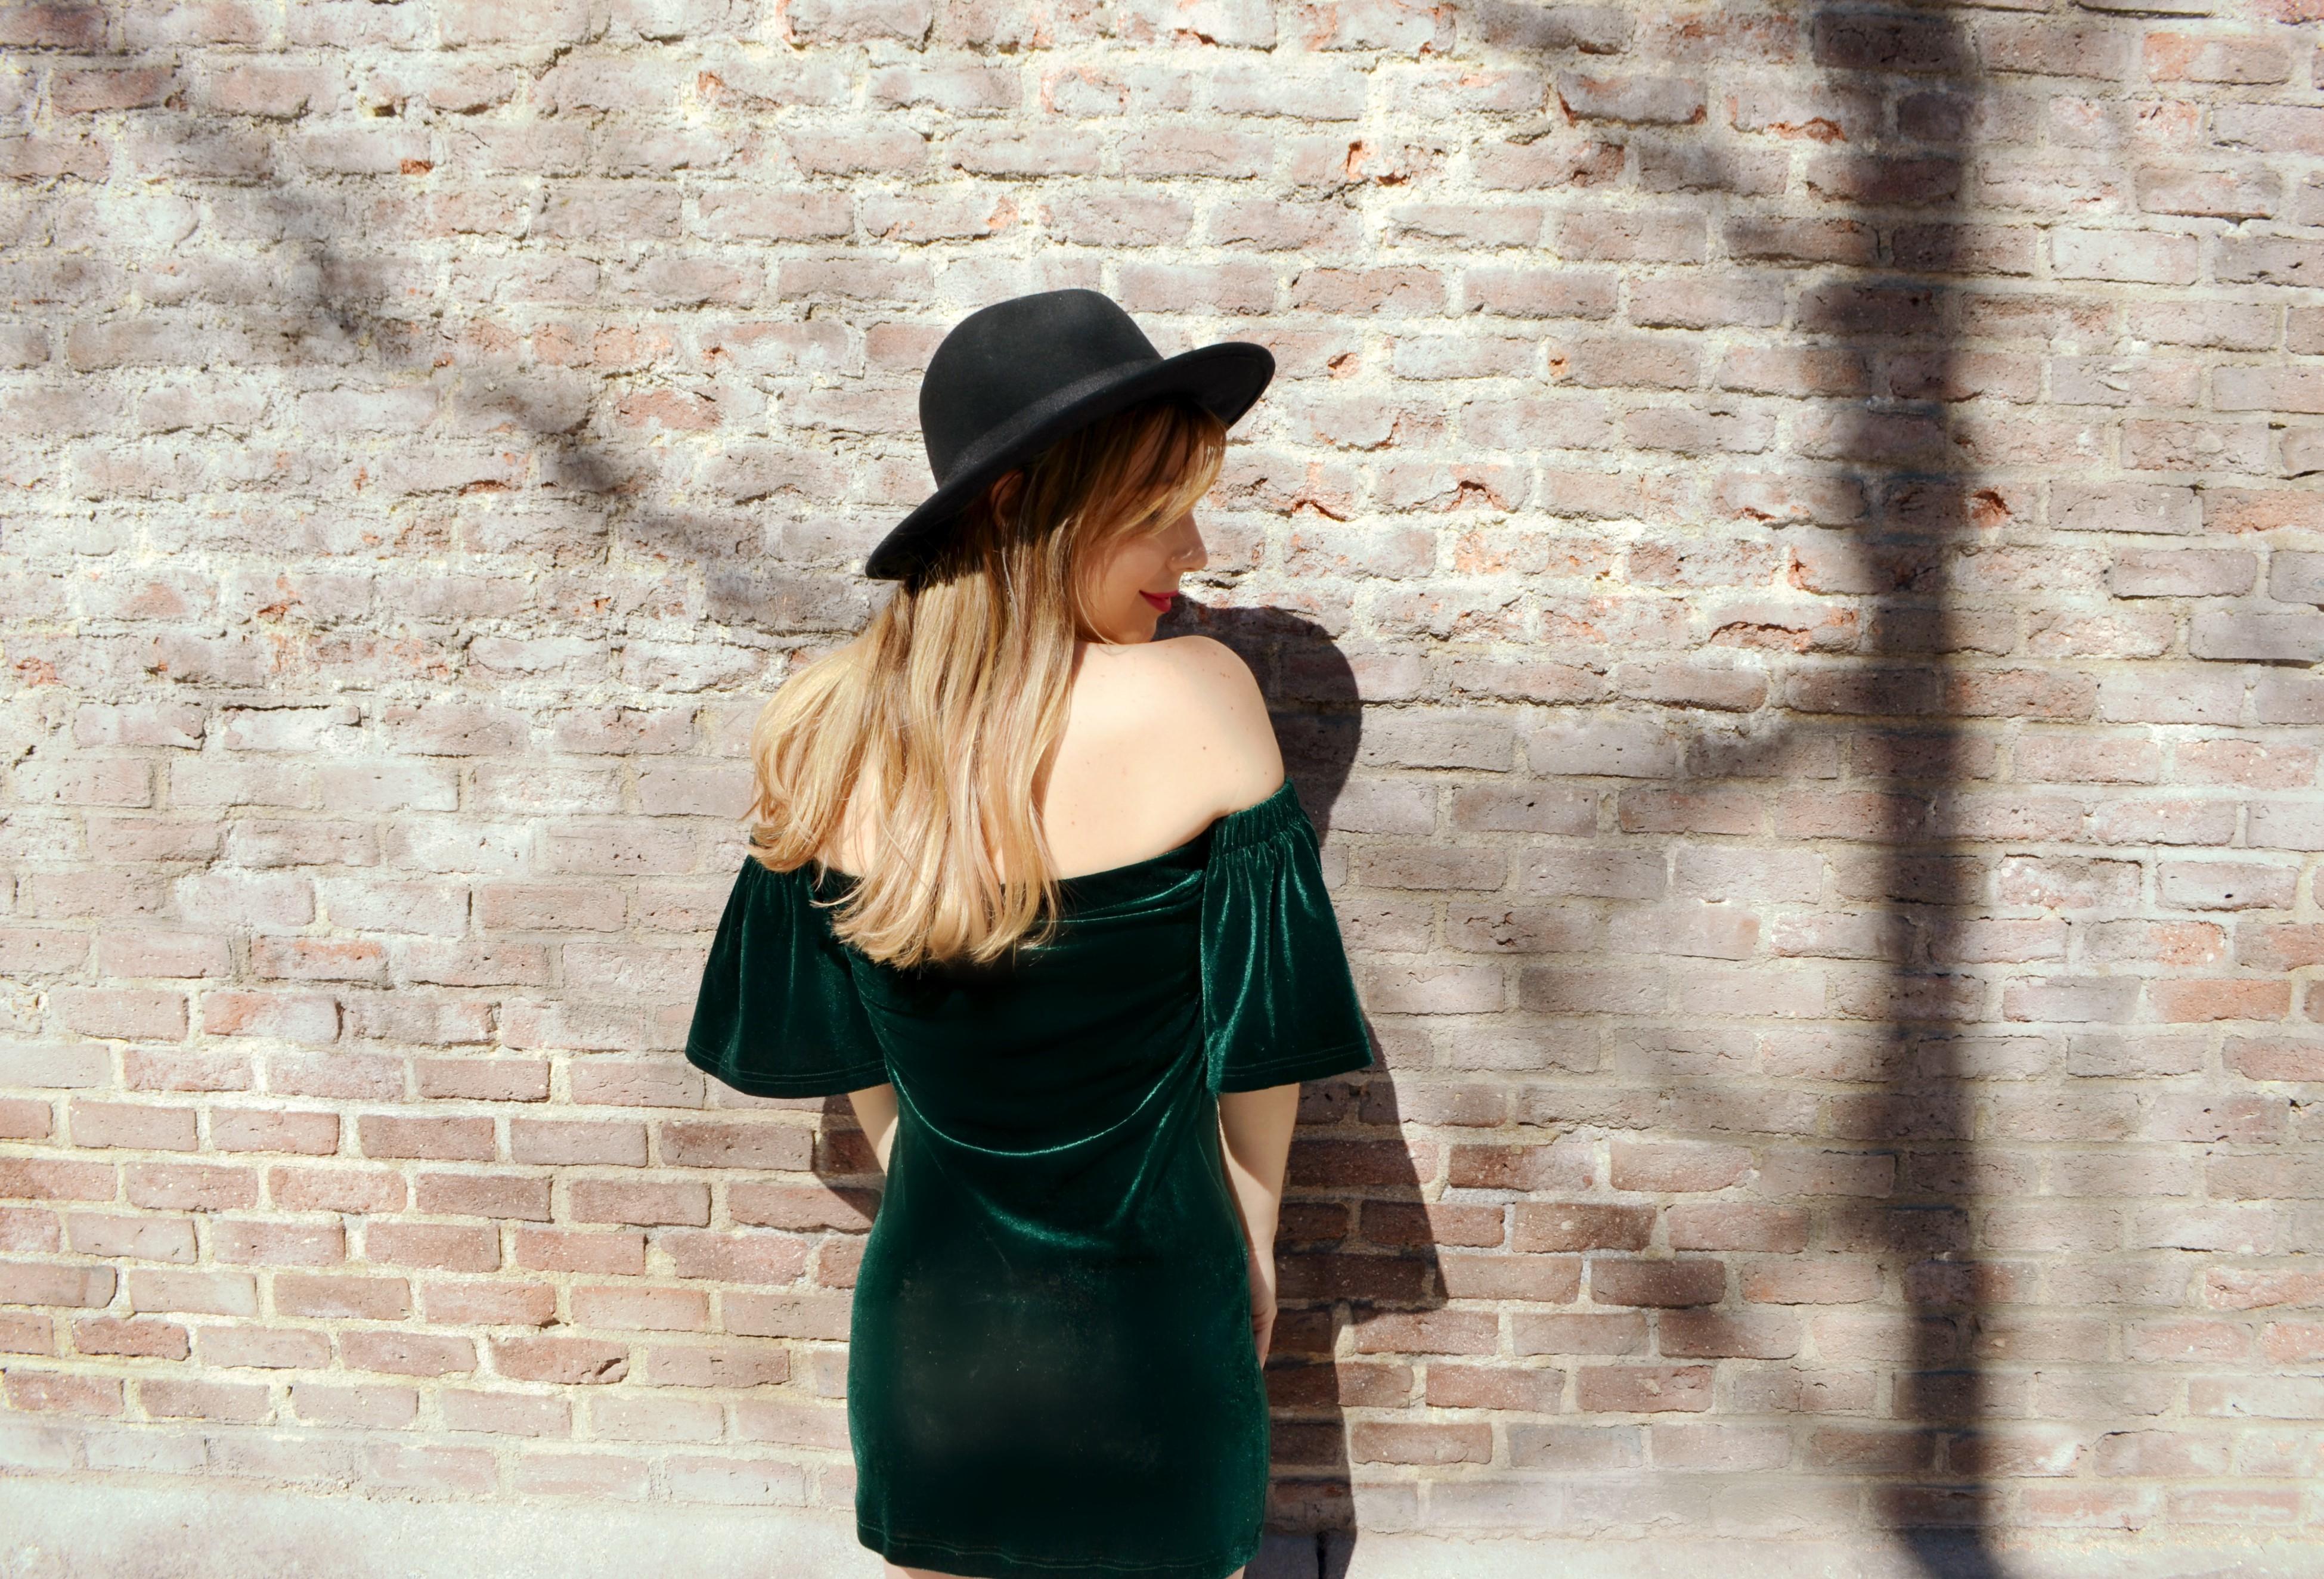 Madrid-street-style-ChicAdicta-blog-de-moda-Chic-Adicta-vestido-de-terciopelo-verde-shein-velvet-look-sombrero-negro-PiensaenChic-Piensa-en-Chic